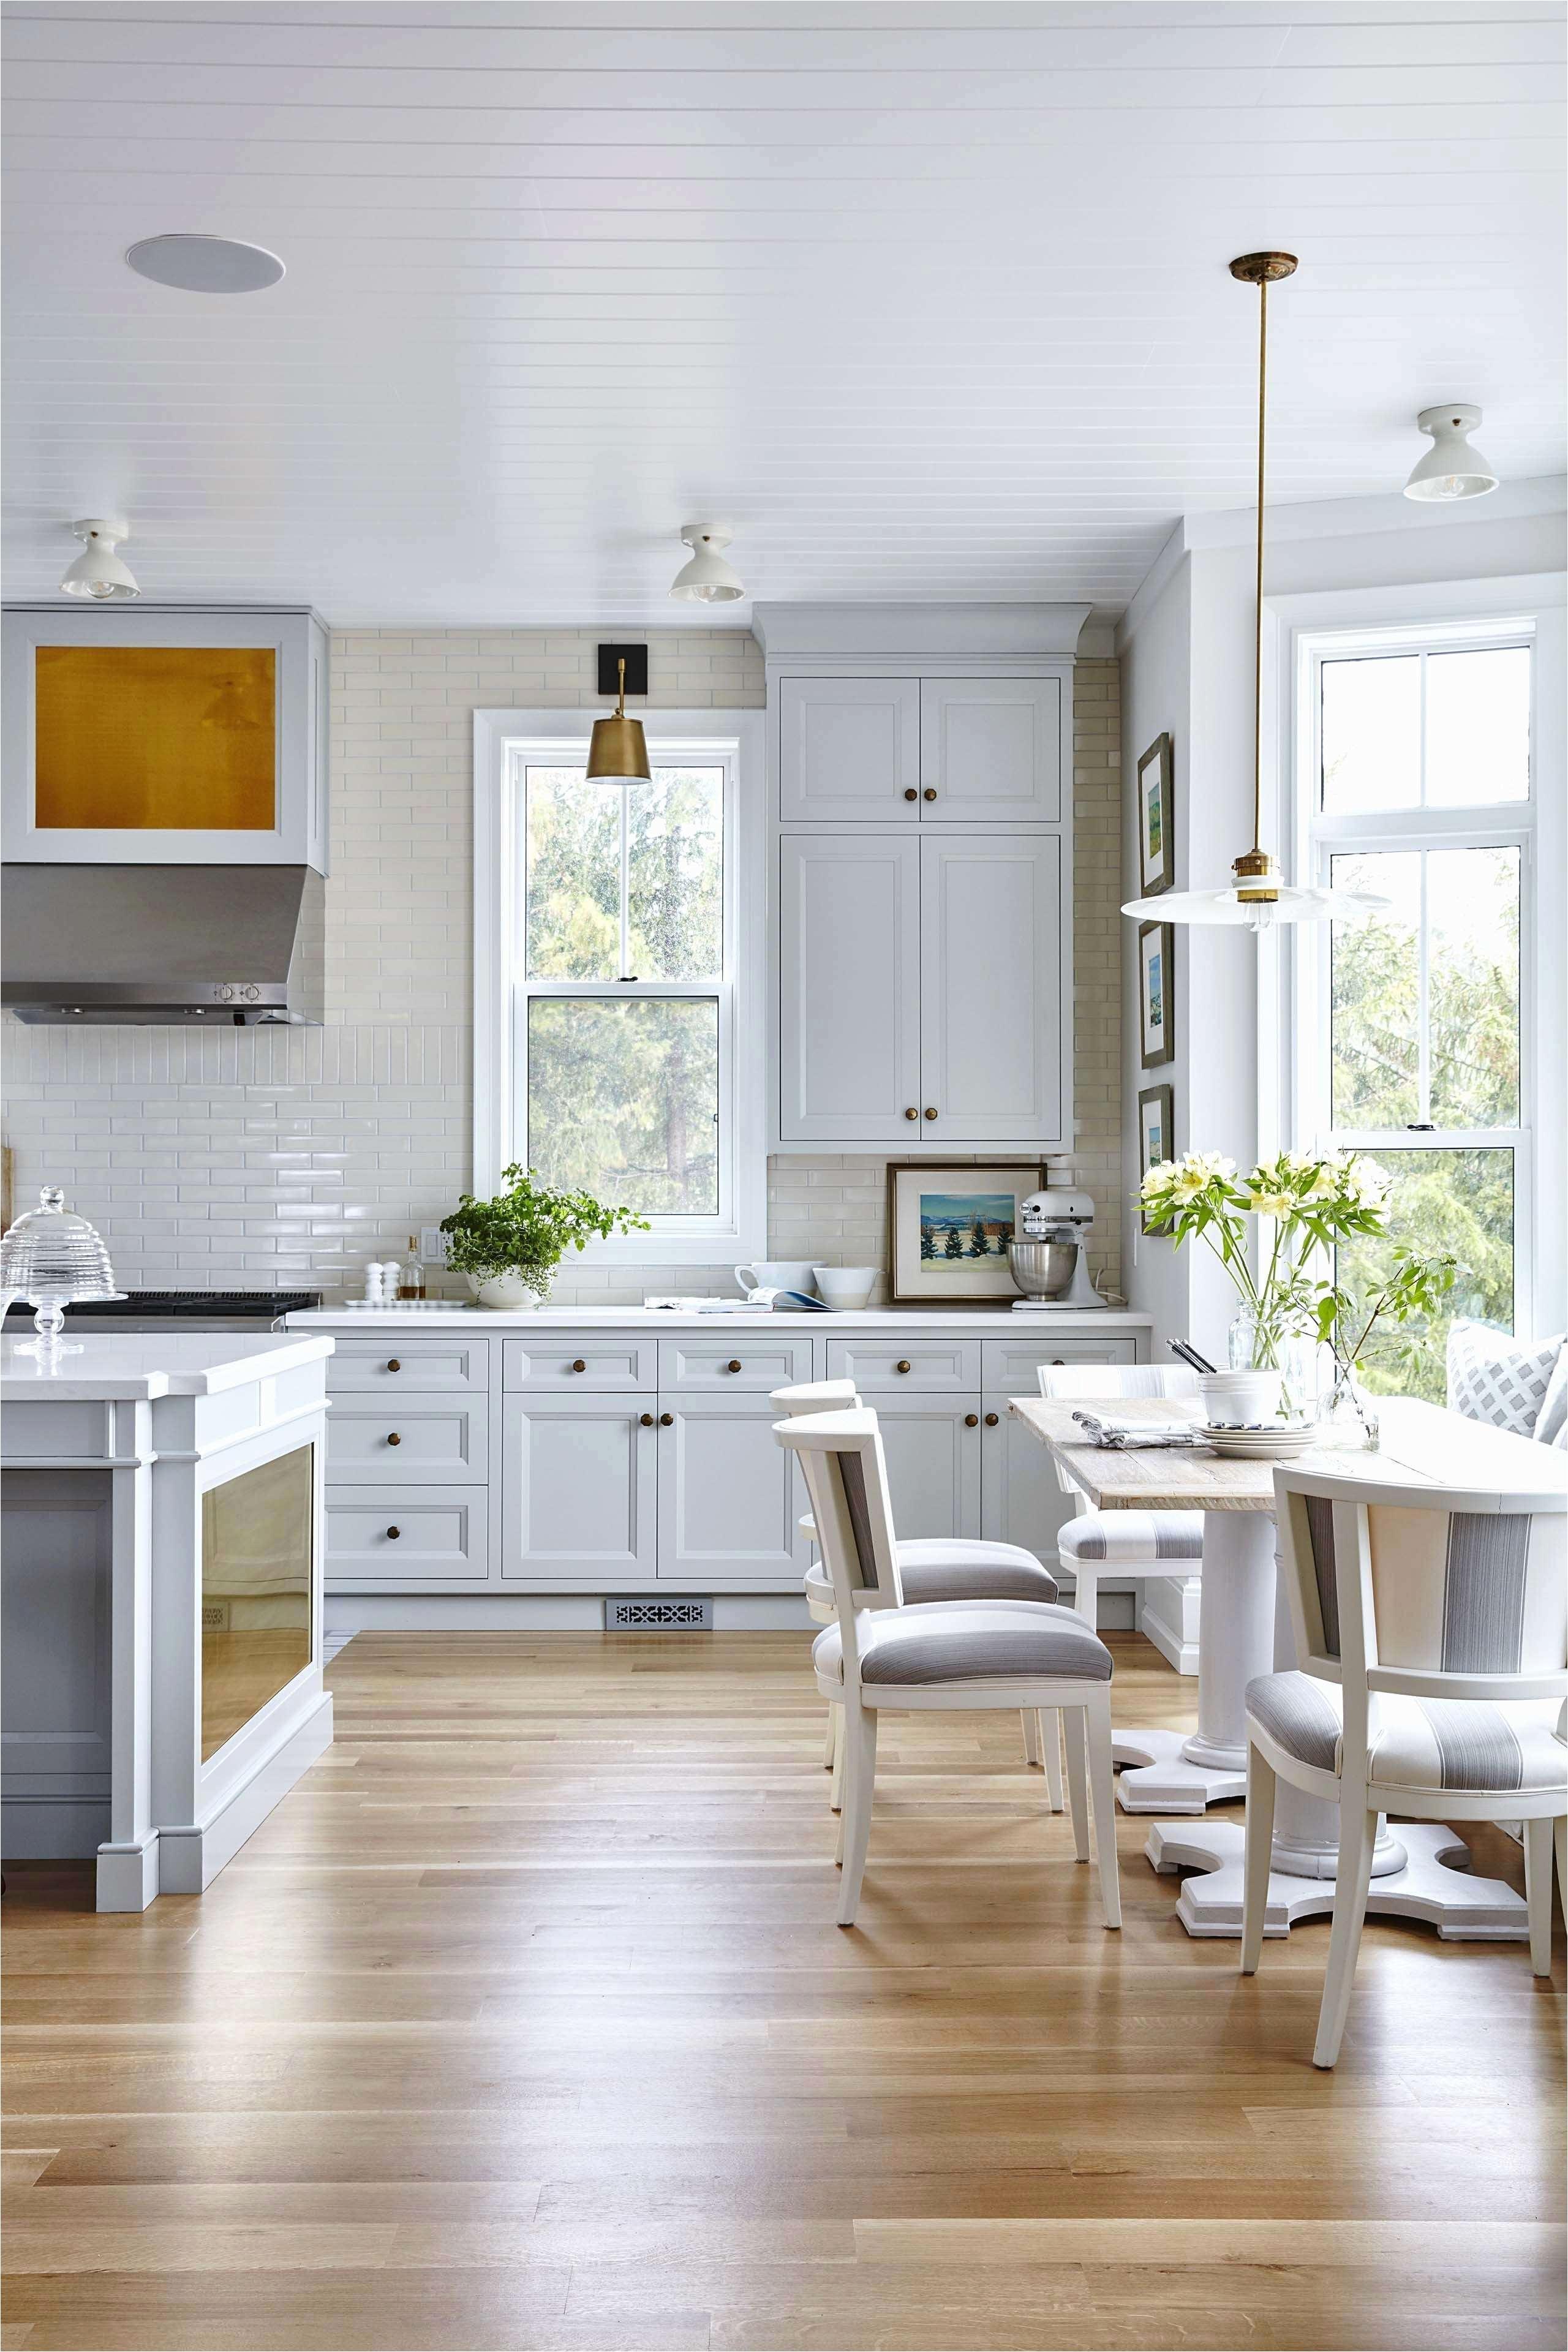 Antique White Cabinets Kitchen Ideas Luxury Kitchen Joys Kitchen Joys Kitchen 0d' Kitchens Design Ideas Design